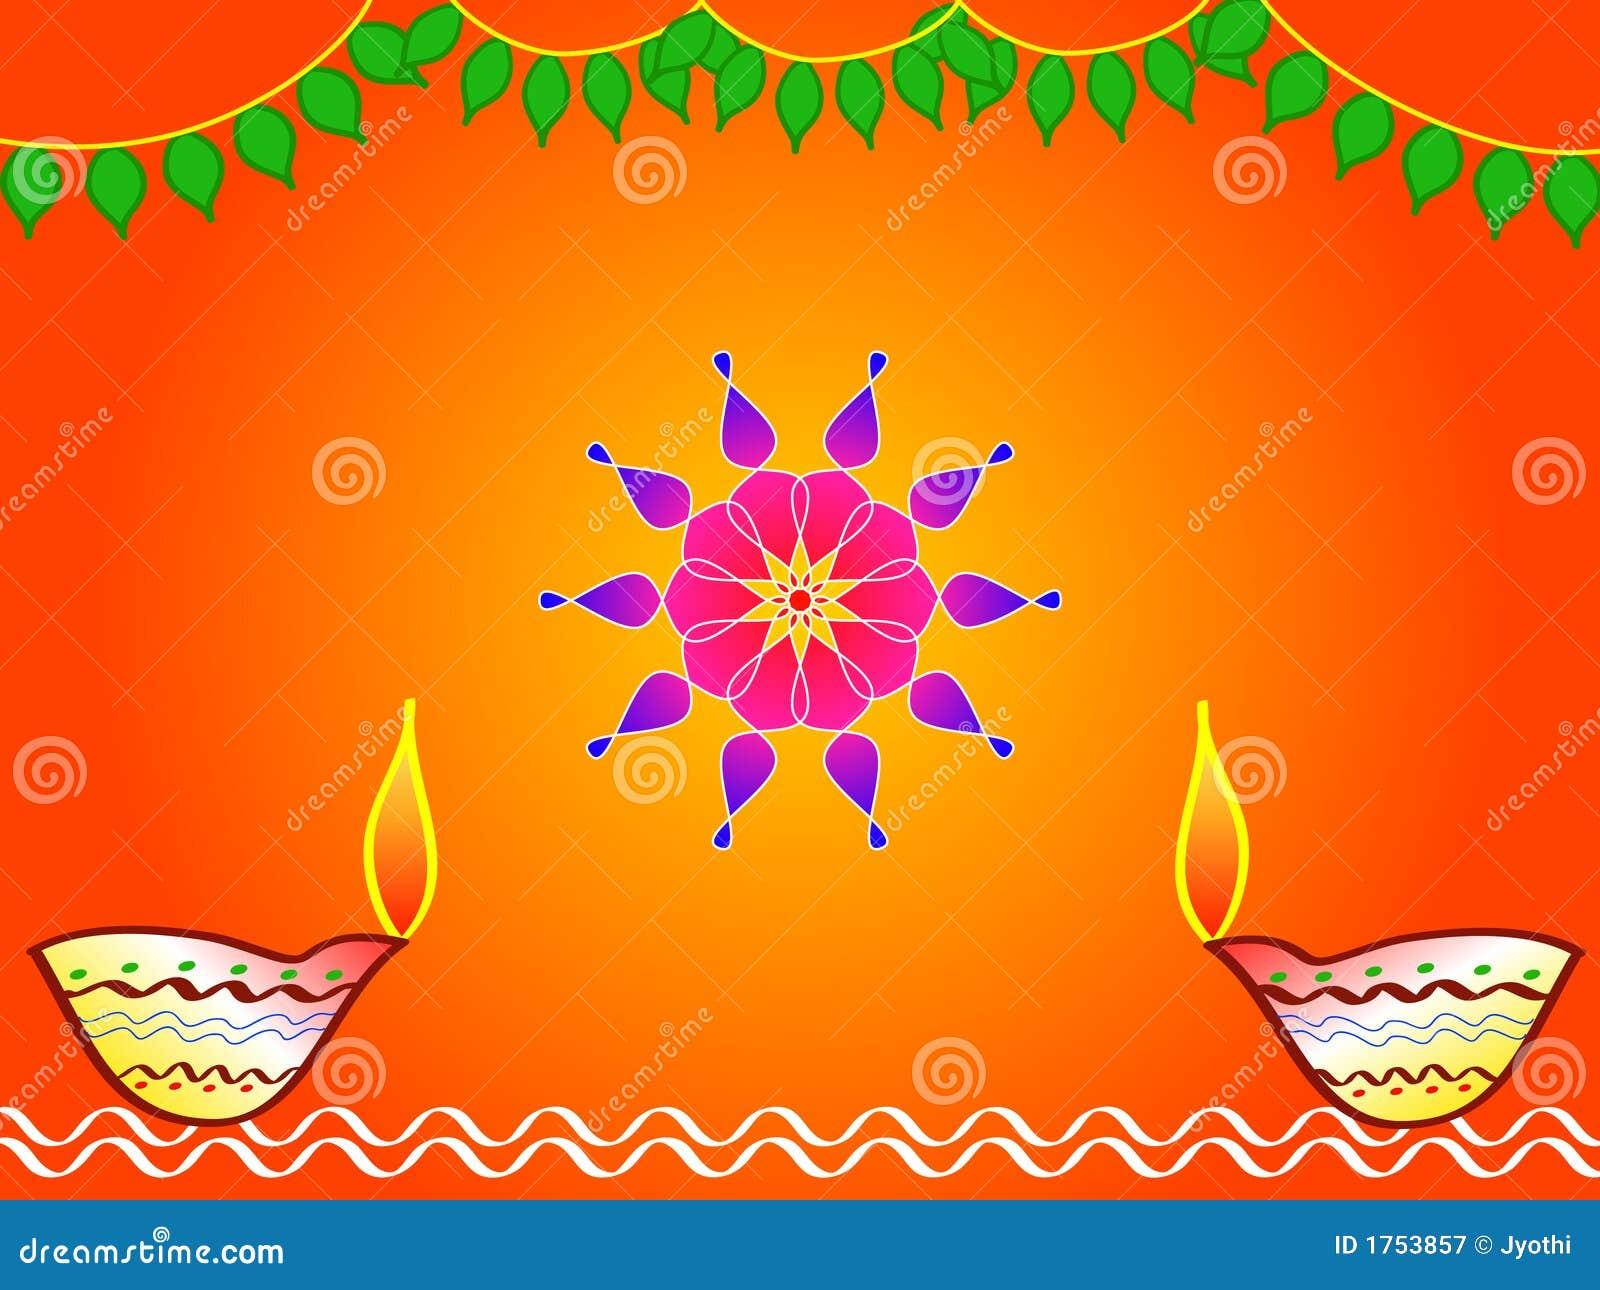 Hindu Festival Diwali Design